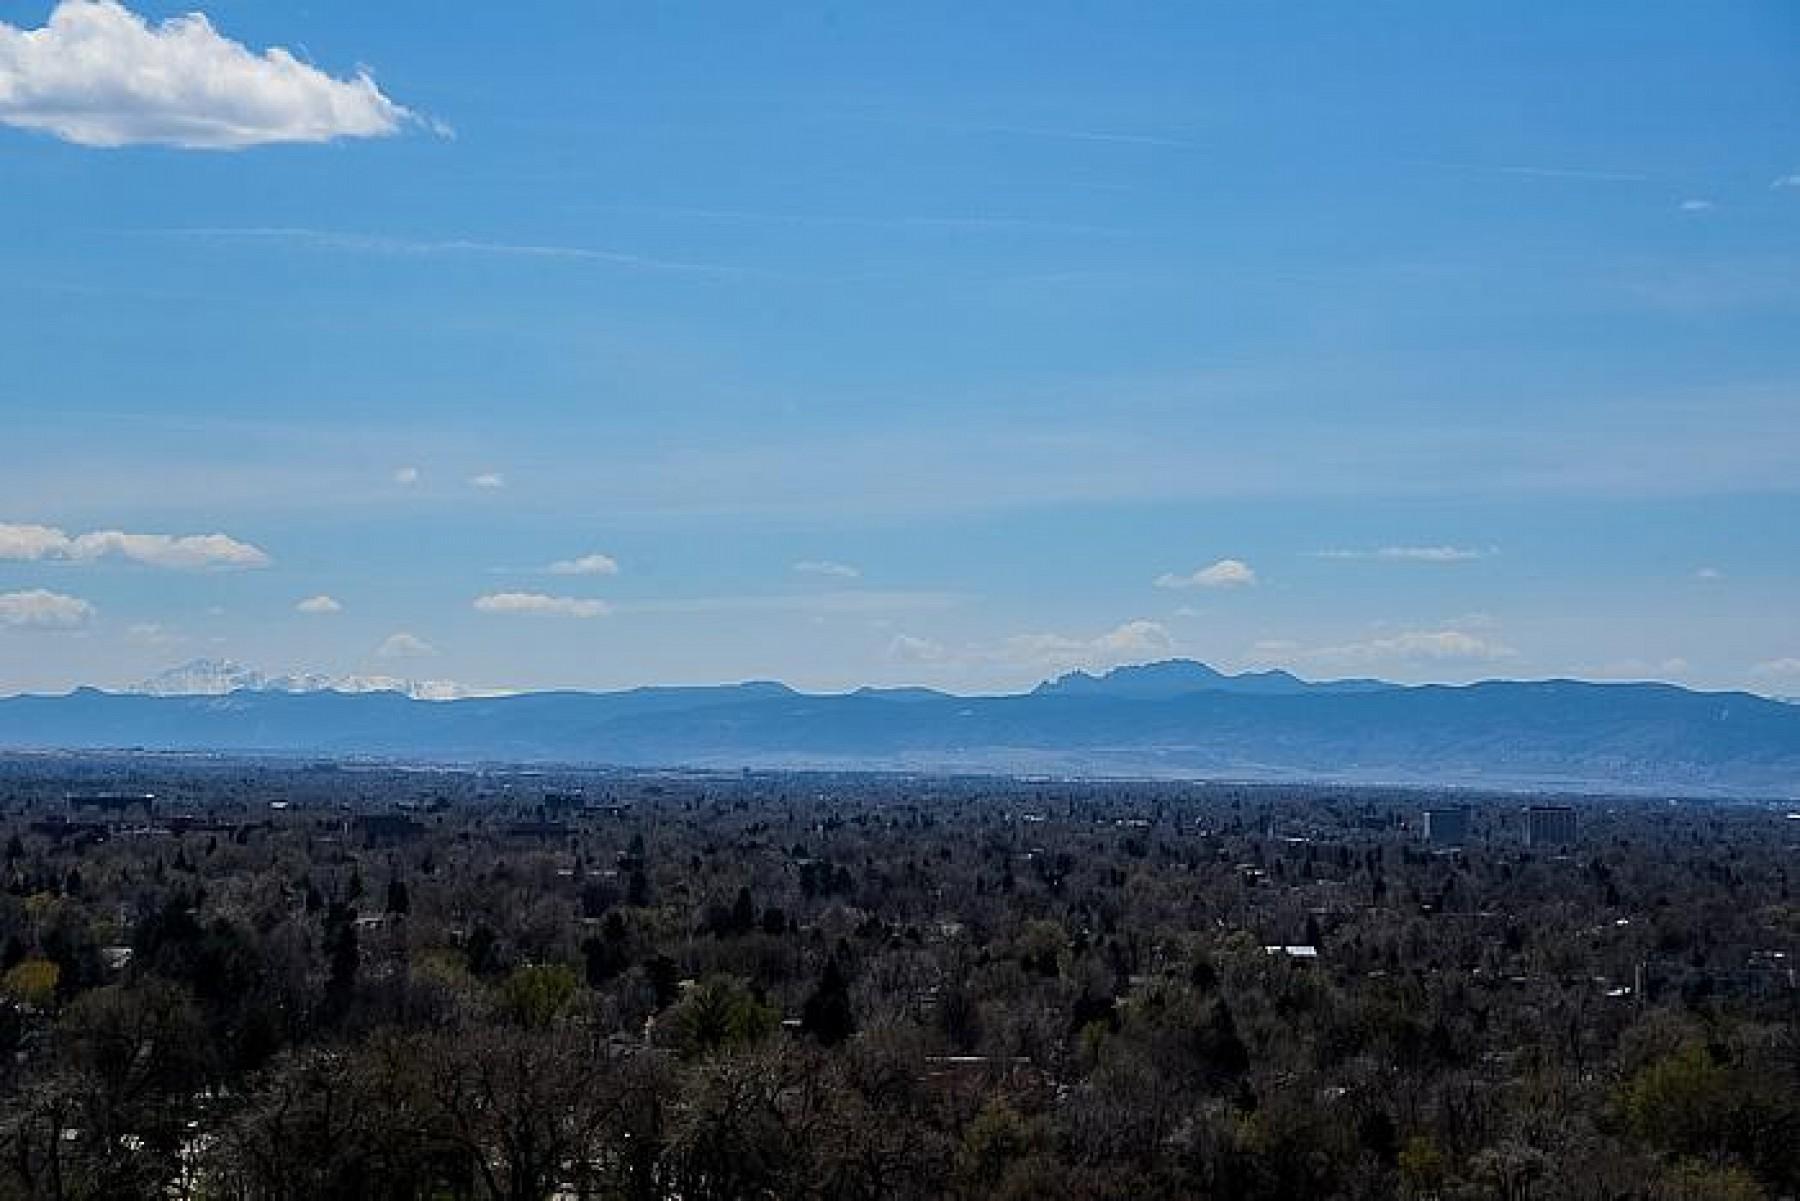 460 S. Marion Parkway, Unit 2050, Denver, CO 80209